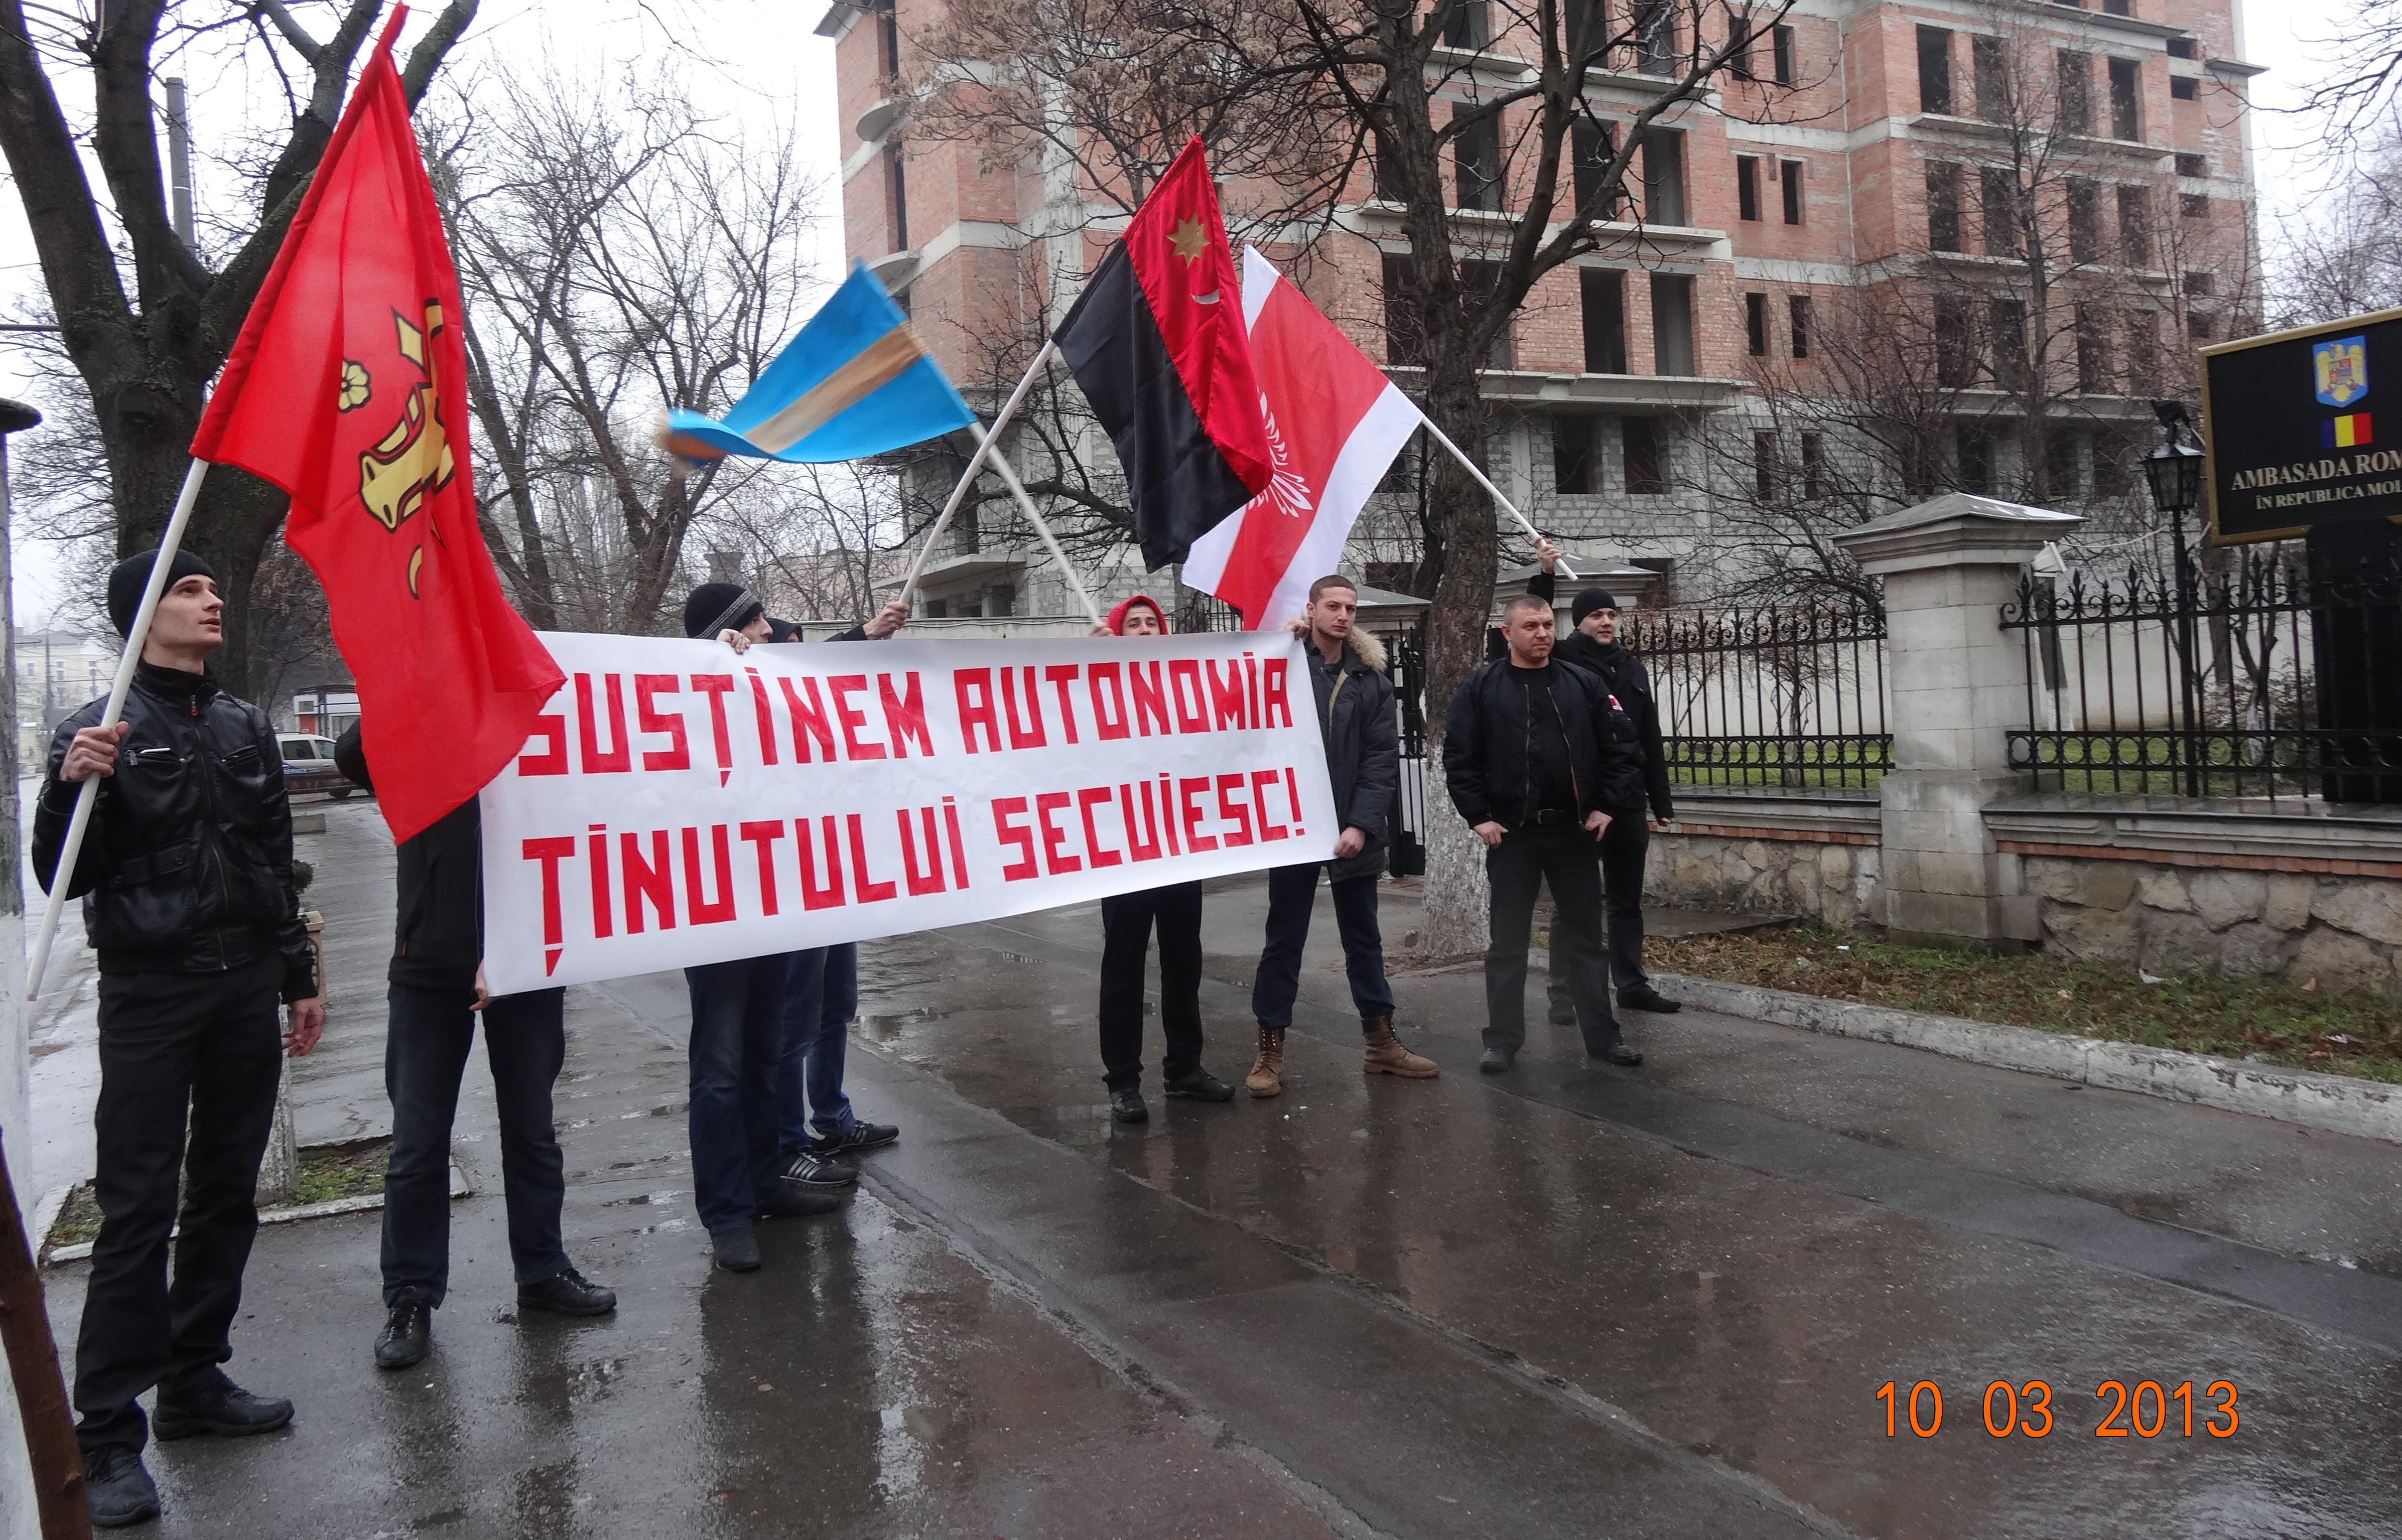 Románia kisinyói nagykövetsége előtt tüntet Székelyföld autonómiájáért a Mișcarea Național Democrată. Fotó: nationaldemocrat.org